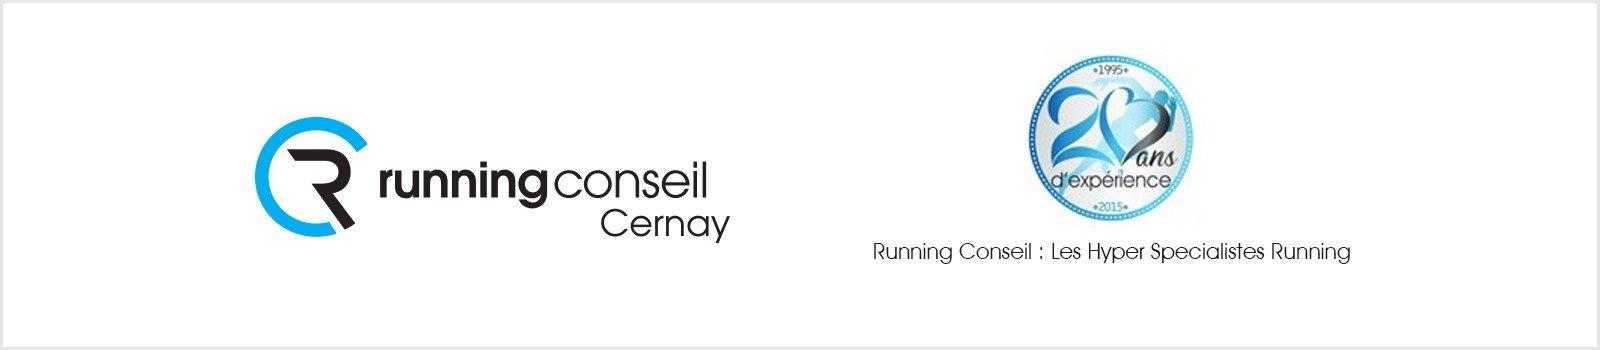 Running Conseil : Les Hyper Specialistes Running